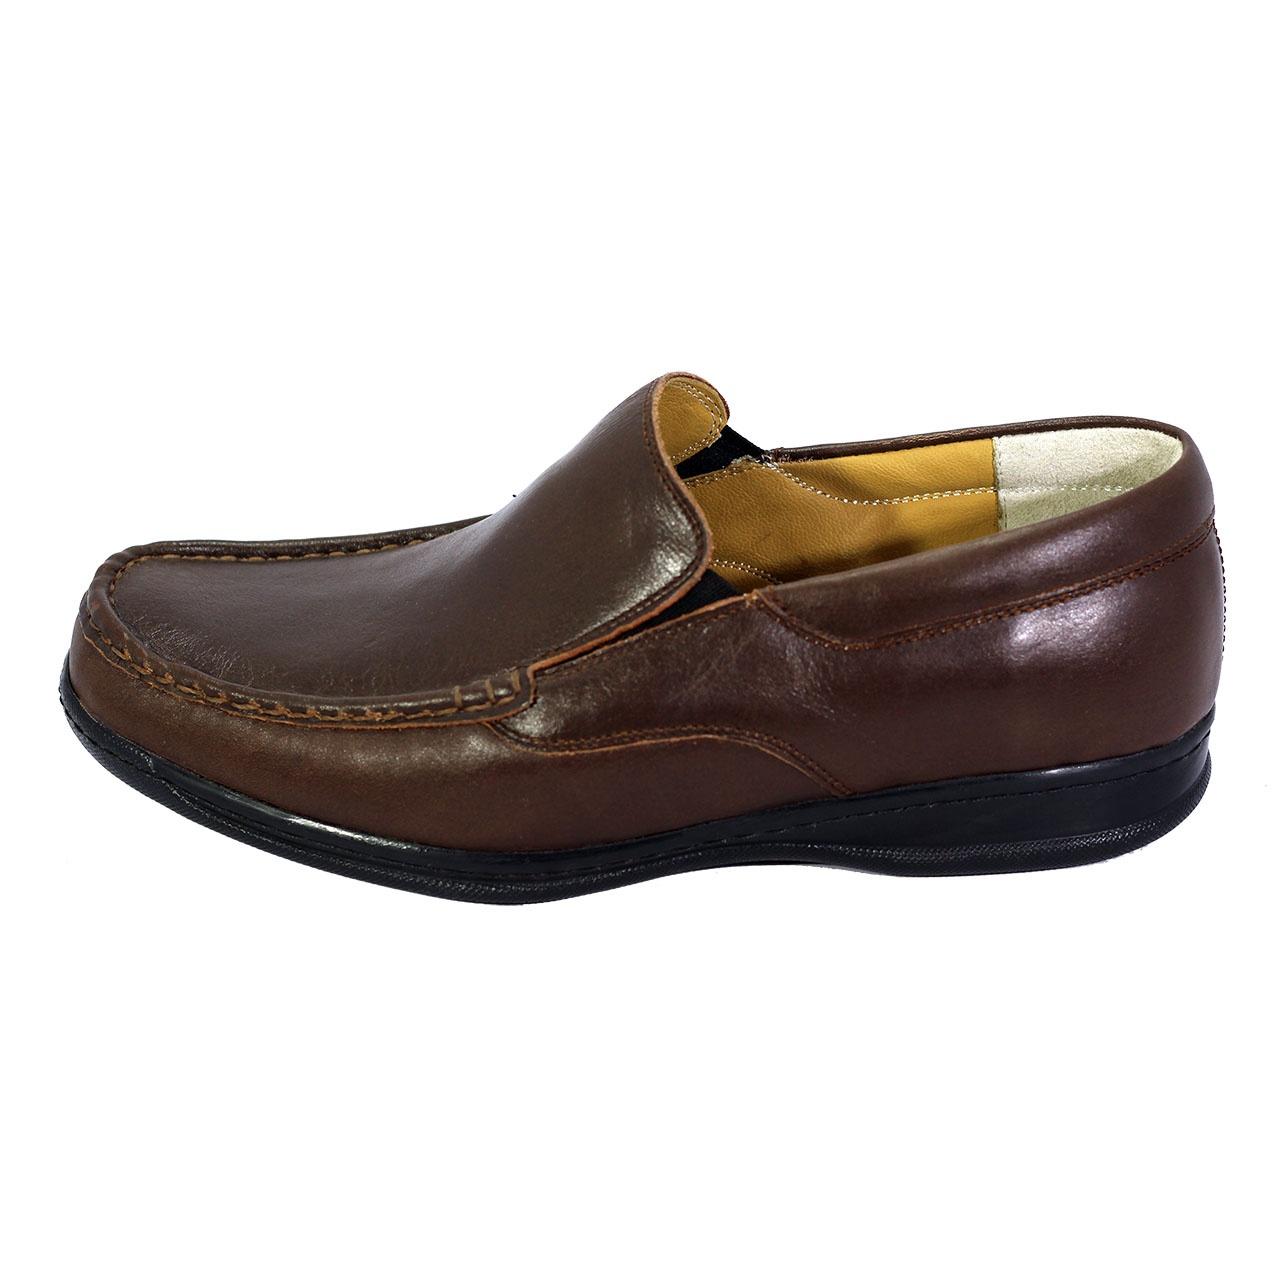 کفش طبی مردانه شهرام طب مدل 1003 کد 7